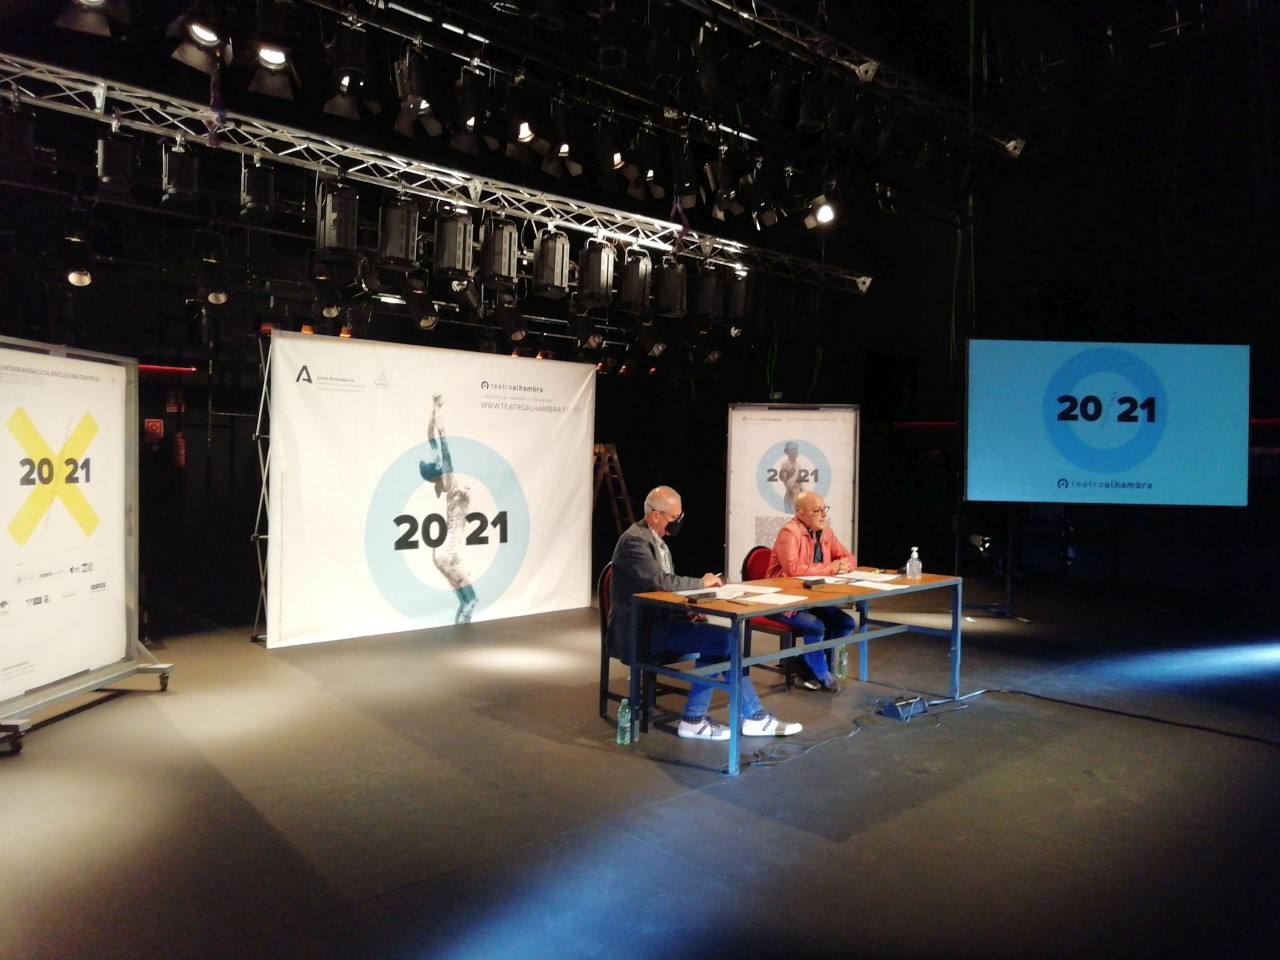 El Teatro Alhambra apuesta por artistas y compañías andaluzas en la programación de la temporada 2020/21